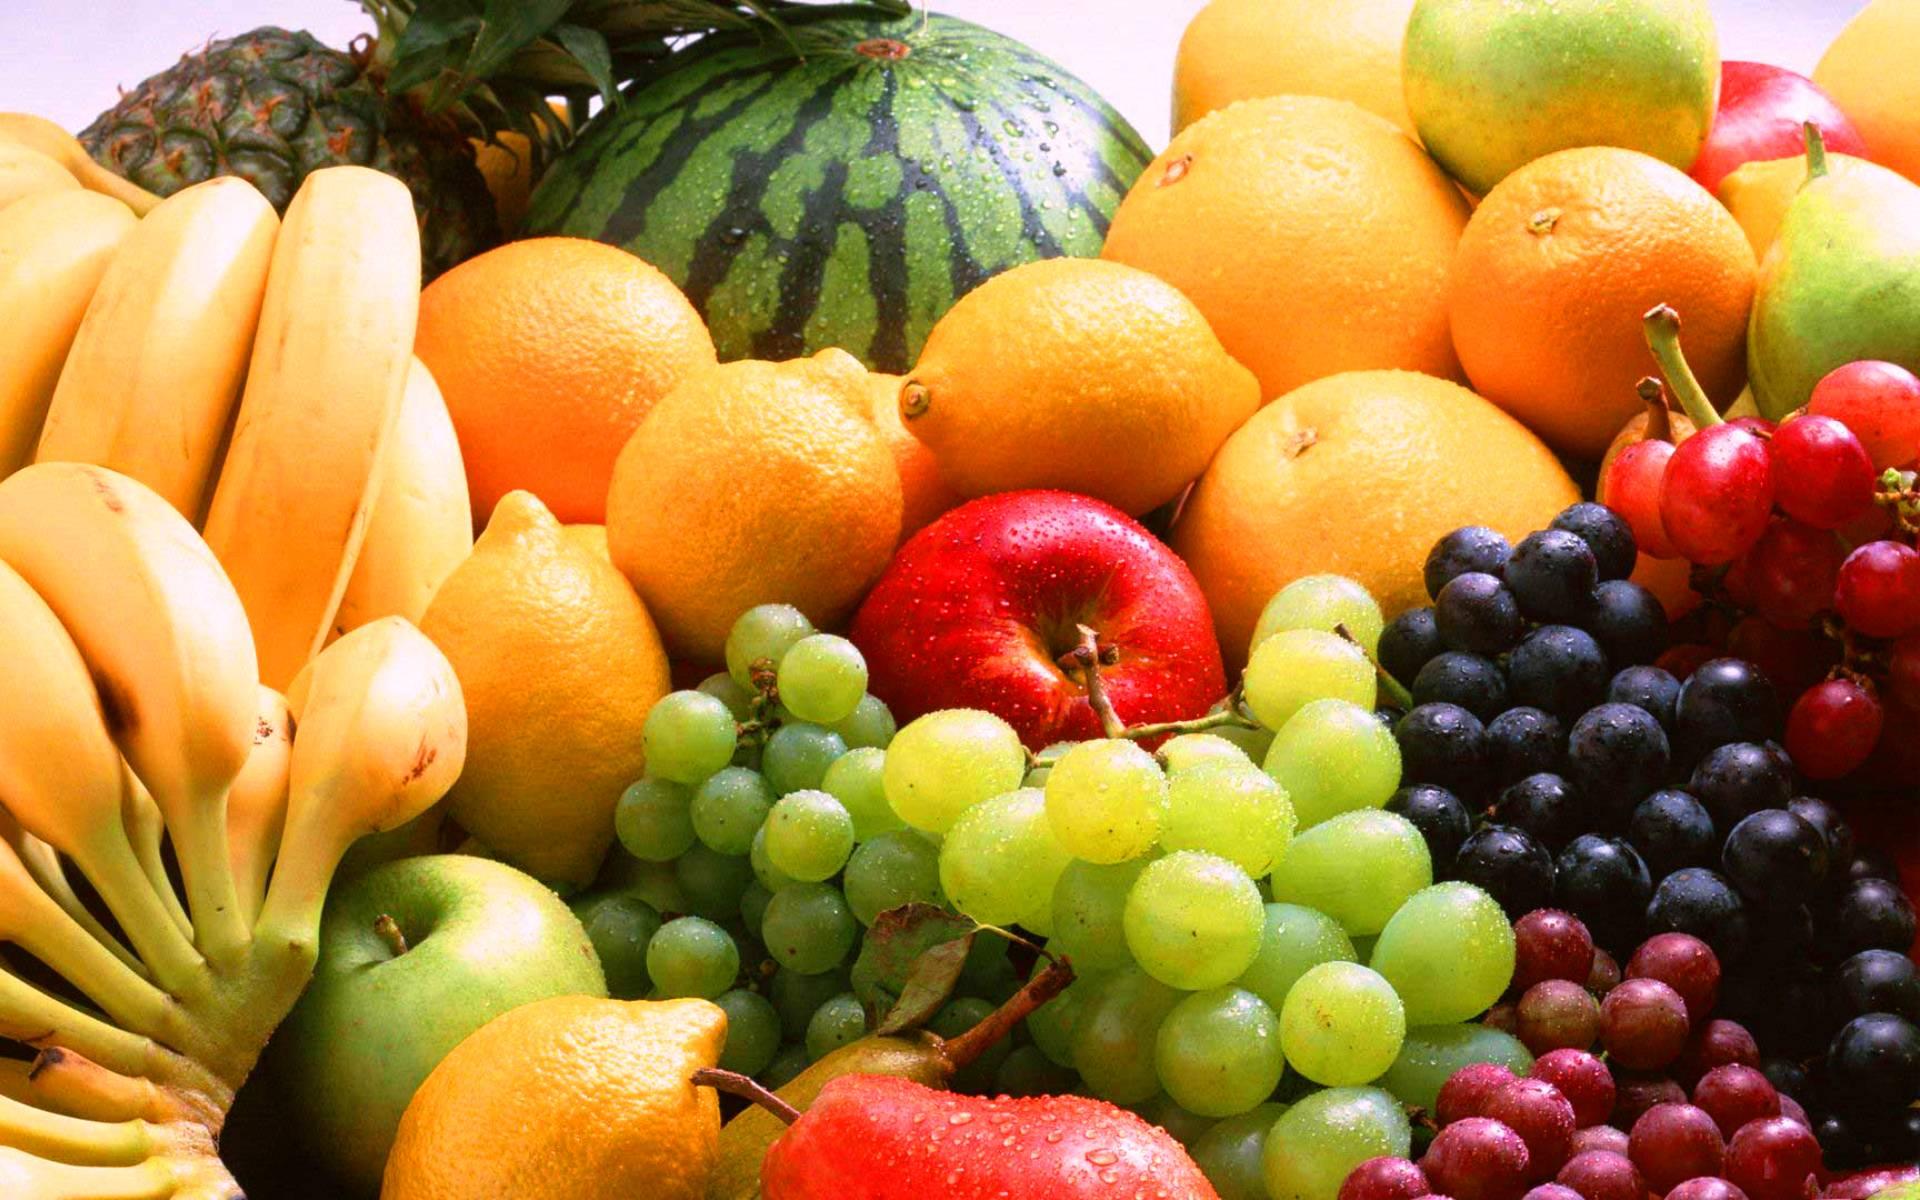 Картинка Фрукты и ягоды » Фрукты и ягоды » Еда » Картинки ...